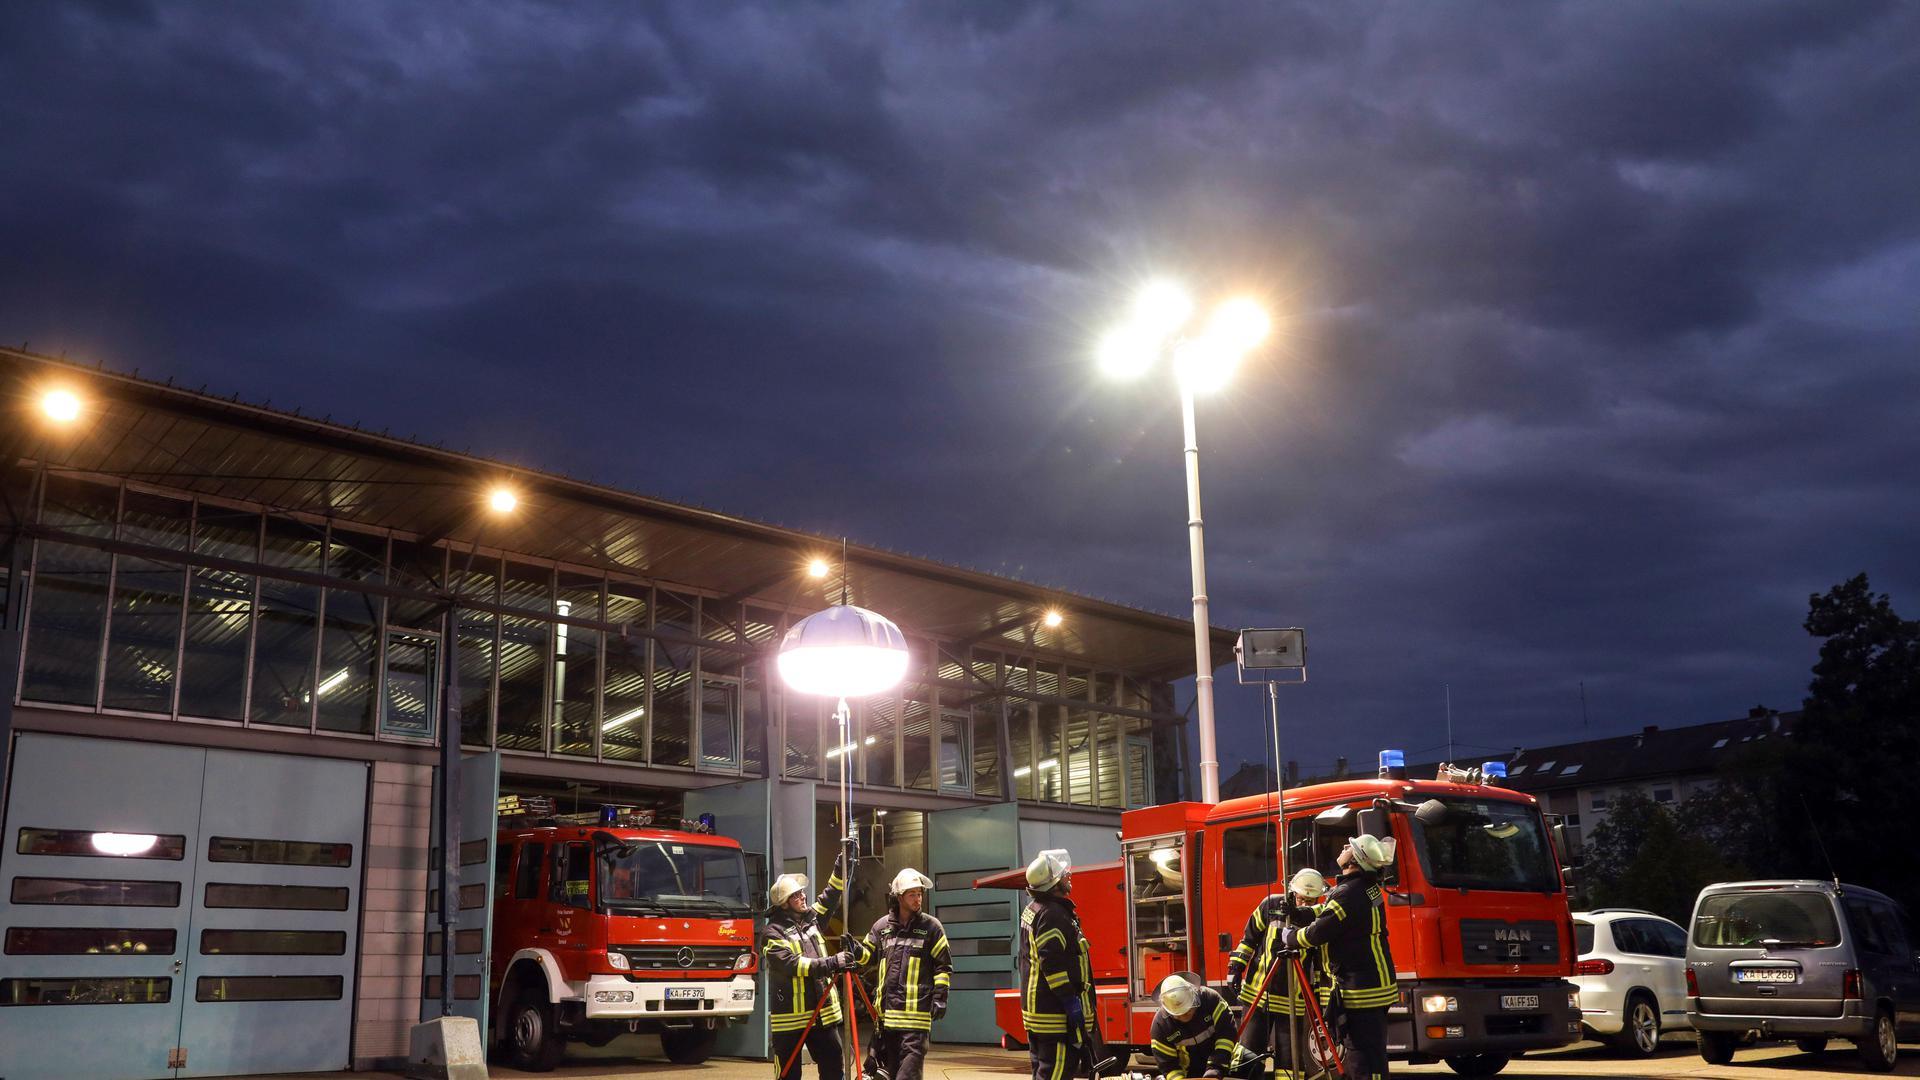 """Die Freiwillige Feuerwehr Durlach ist auf Beleuchtung spezialisiert. Dazu hat sie einen transportablen Lichtmast. Bis zu zwölf Meter schieben sich sieben Teleskopmast-Segmente über dem Spezialfahrzeug in die Höhe. An der Spitze strahlen vier stufenlos schwenkbare Scheinwerfer, jeder groß wie eine Babybadewanne, ihr kühles Licht ab. """"Wenn wir am Ufer über den Rhein leuchten, wird es gegenüber hell"""", erklärt Feuerwehrmann Gregor Franke. Blendfrei ergänzt ein Leuchtballon die Ausstattung. Zwei Feuerwehrler können das alles bedienen, im Normalfall rücken dafür sechs aus."""